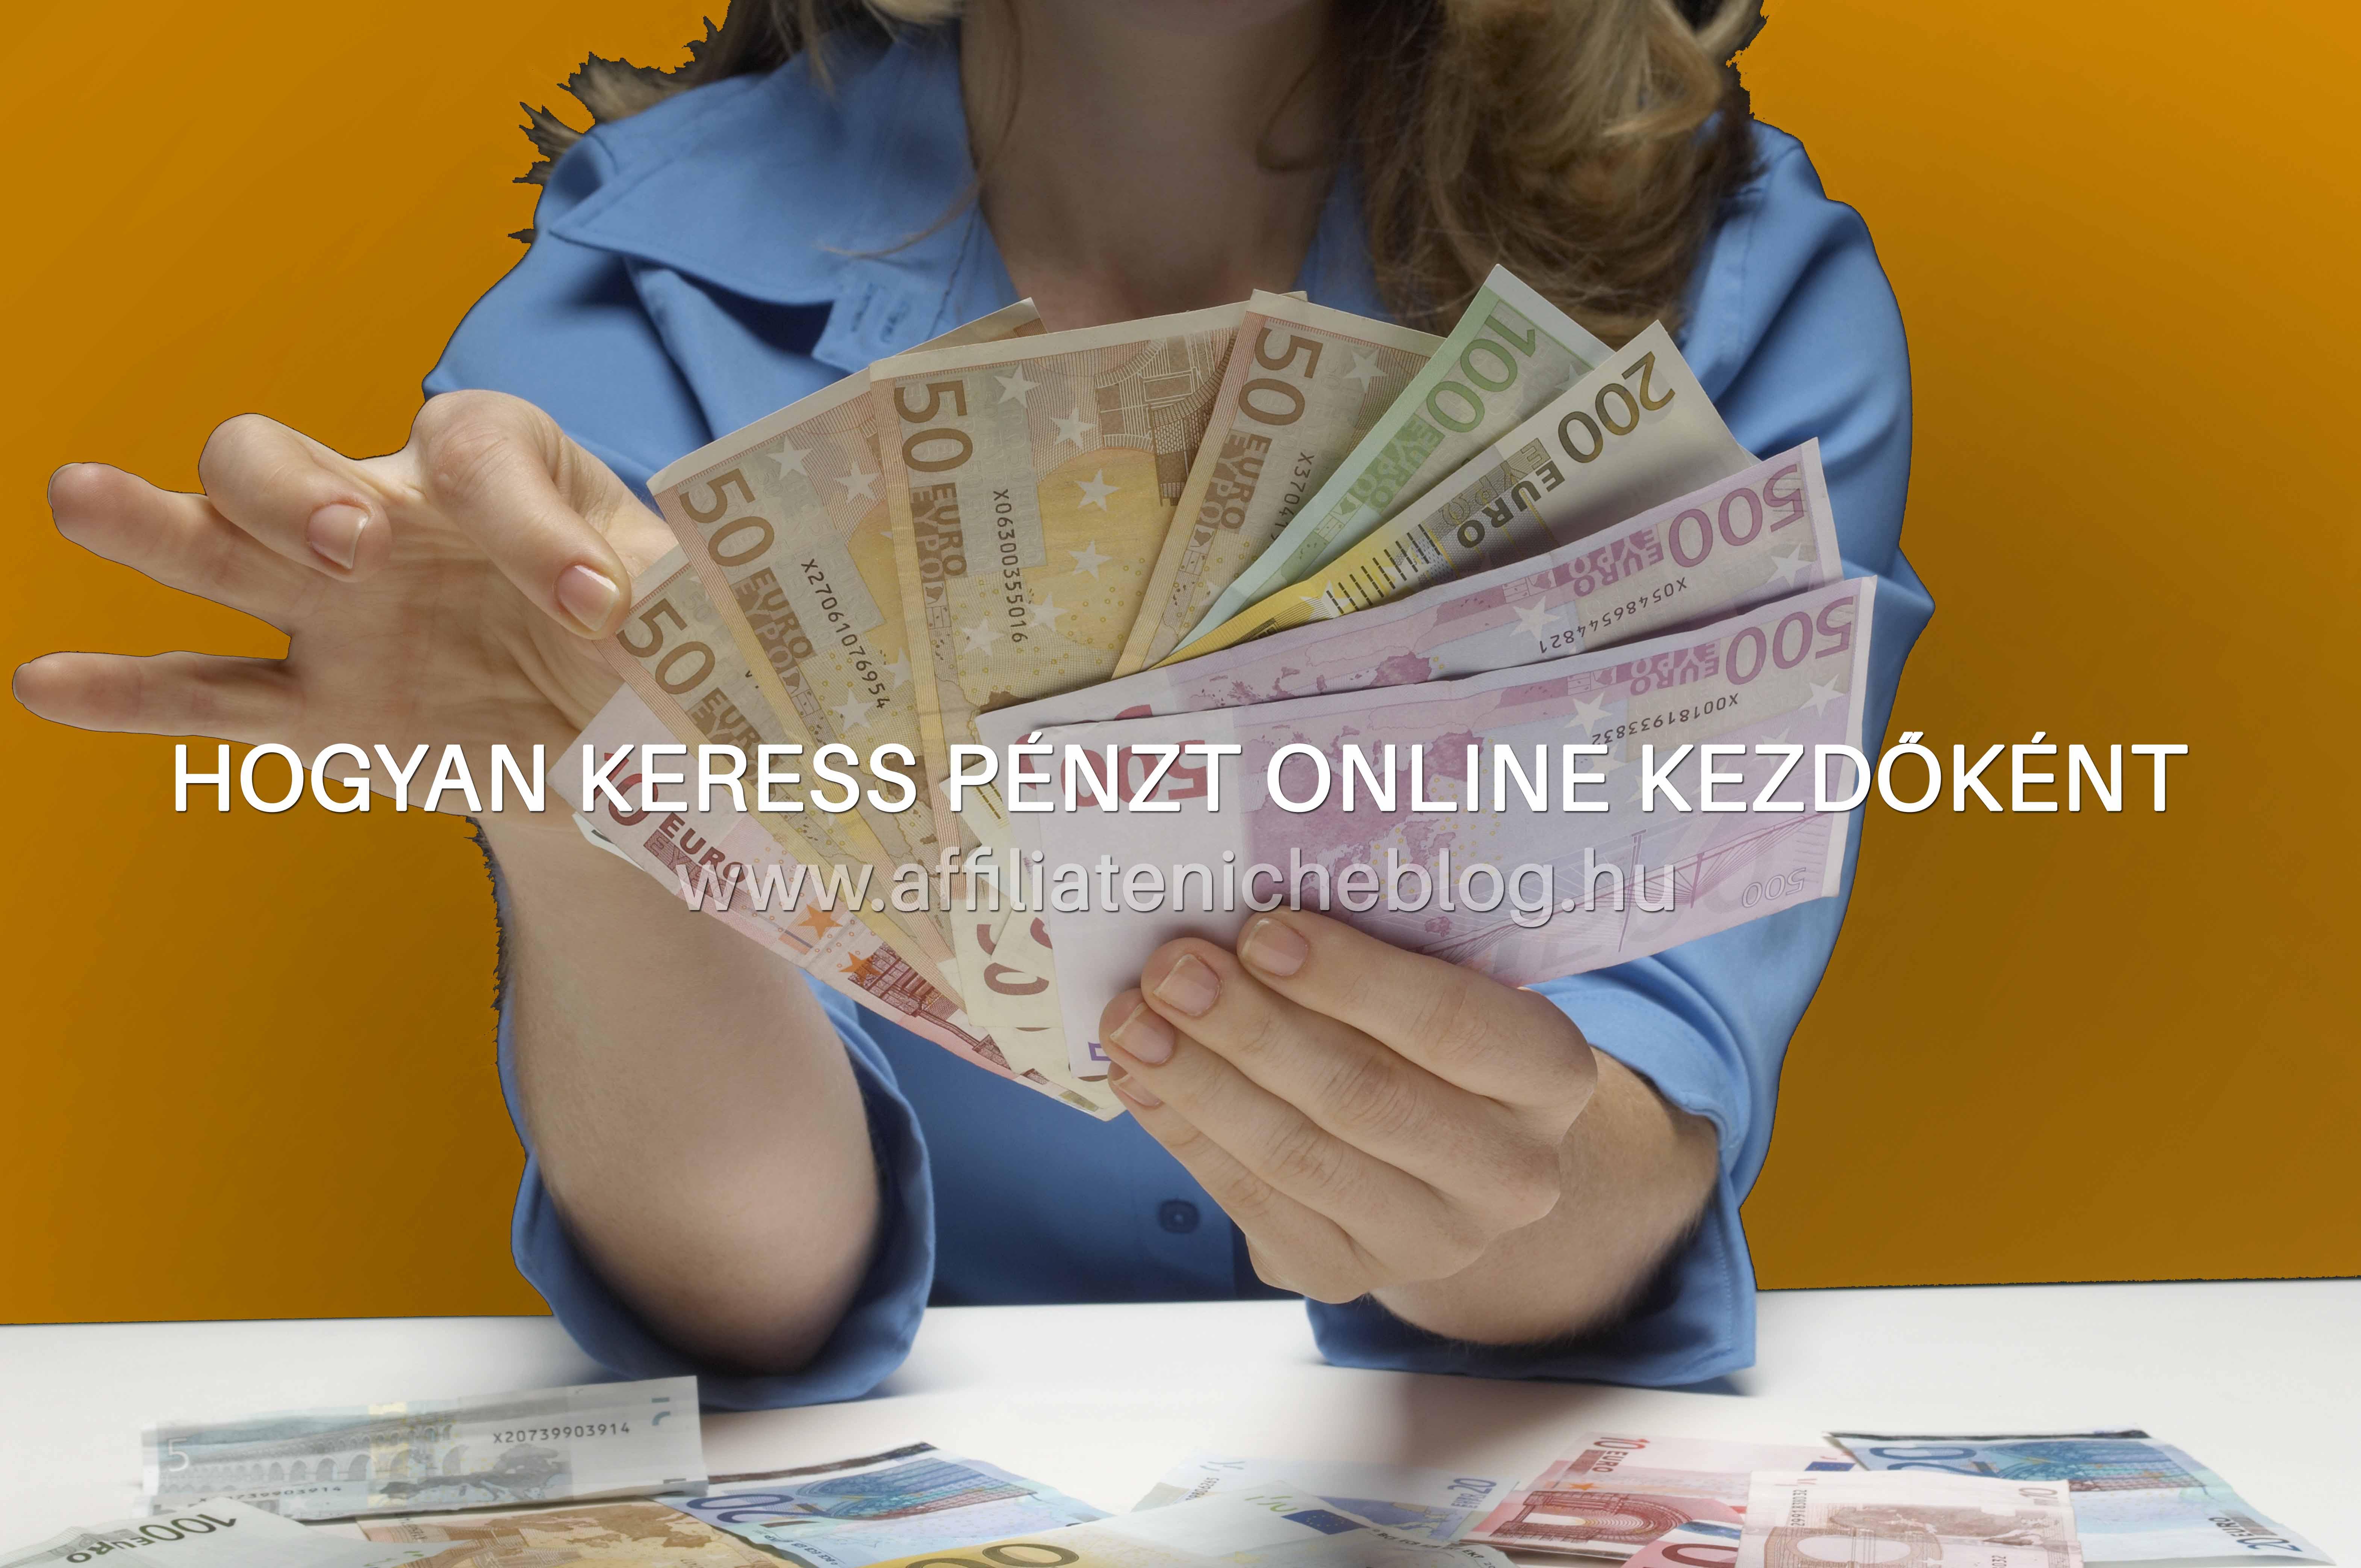 valóban lehet pénzt keresni az interneten?)